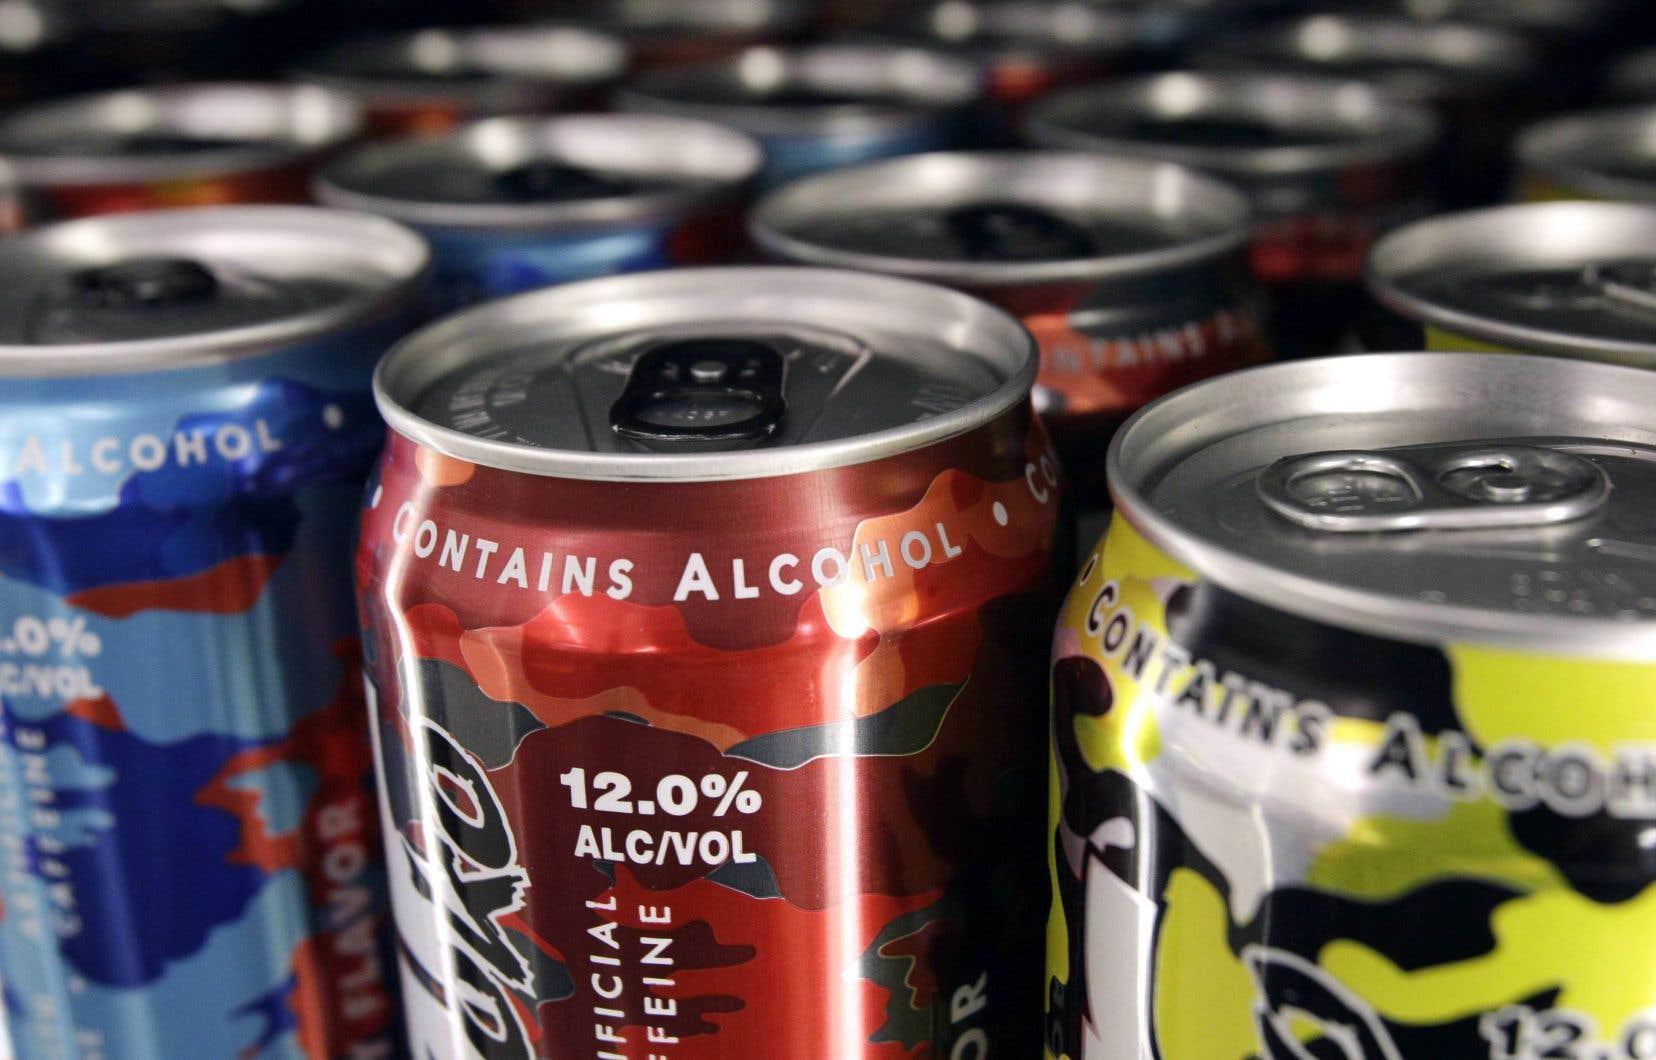 Éduc'alcool propose que le projet de règlement limite à un seul verre standard d'alcool les portions individuelles de boissons alcoolisées sucrées pour éviter de tromper les consommateurs.